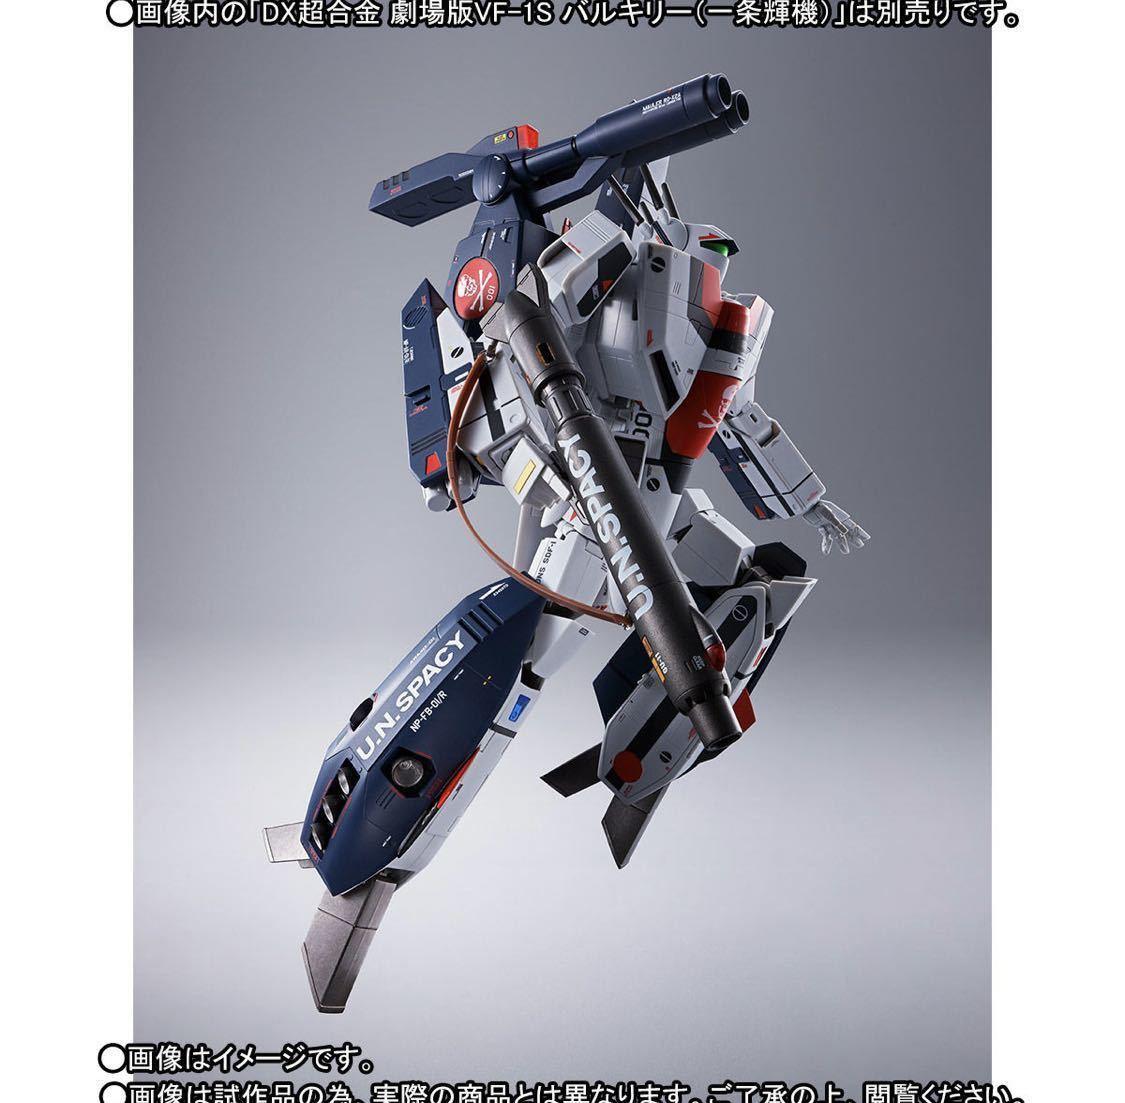 12月発送 DX超合金 劇場版VF-1対応ストライク スーパーパーツセット_画像5